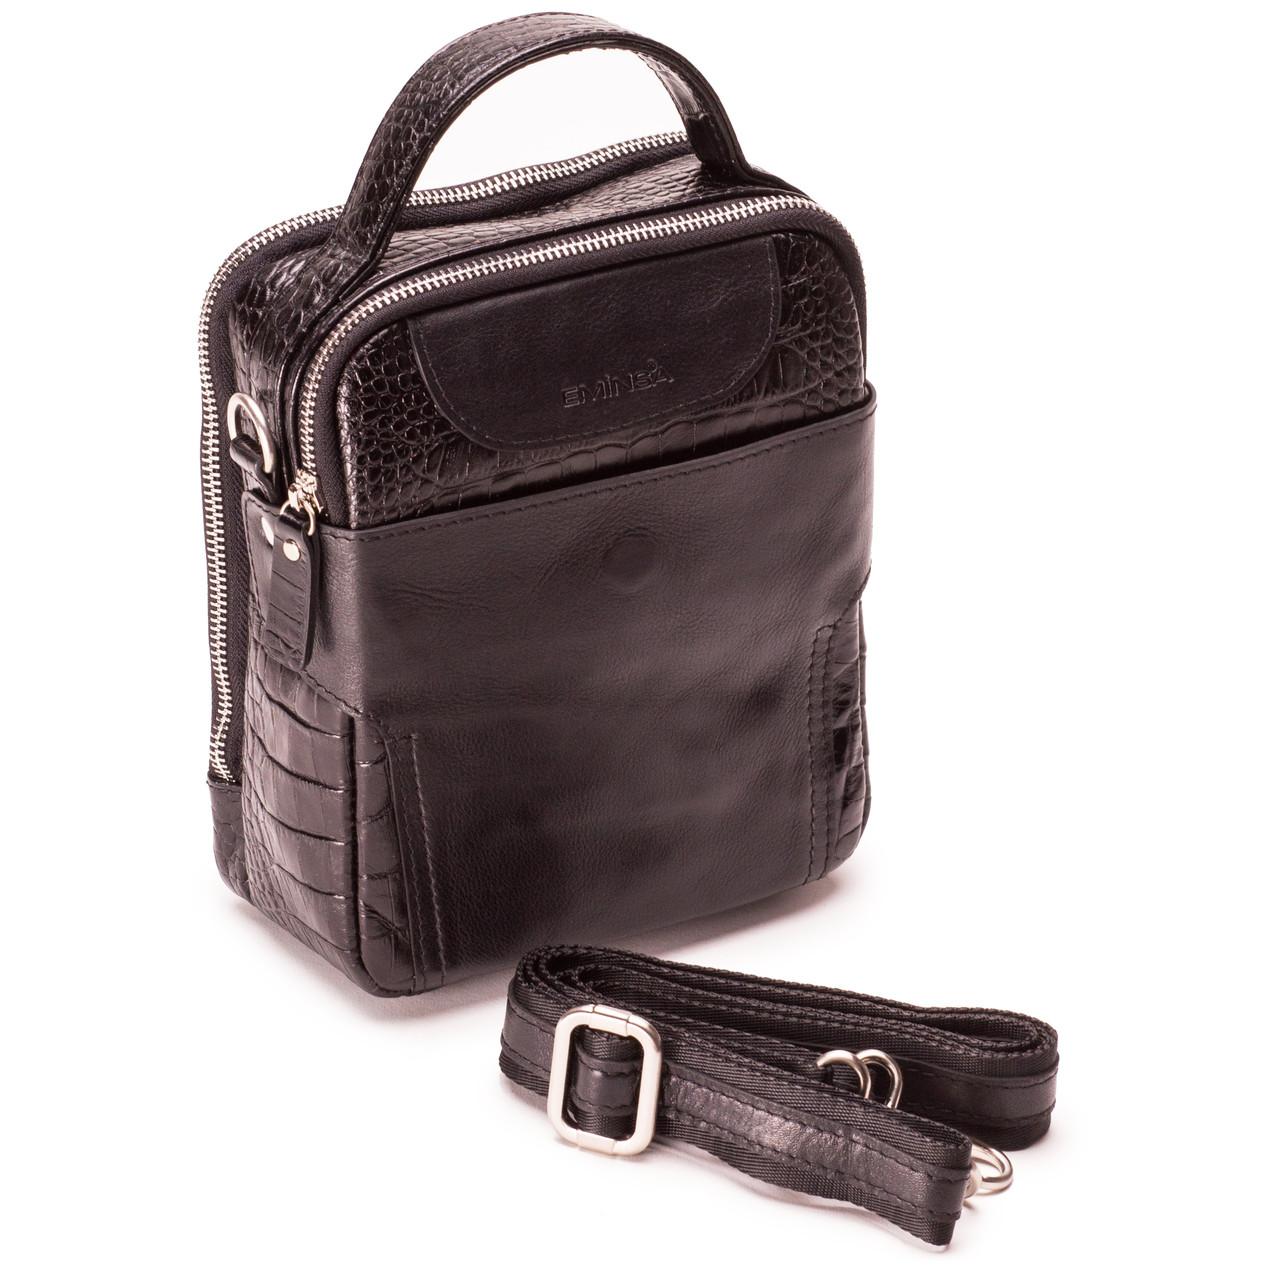 Мужская сумка барсетка Eminsa 6002-4-1 кожаная черная